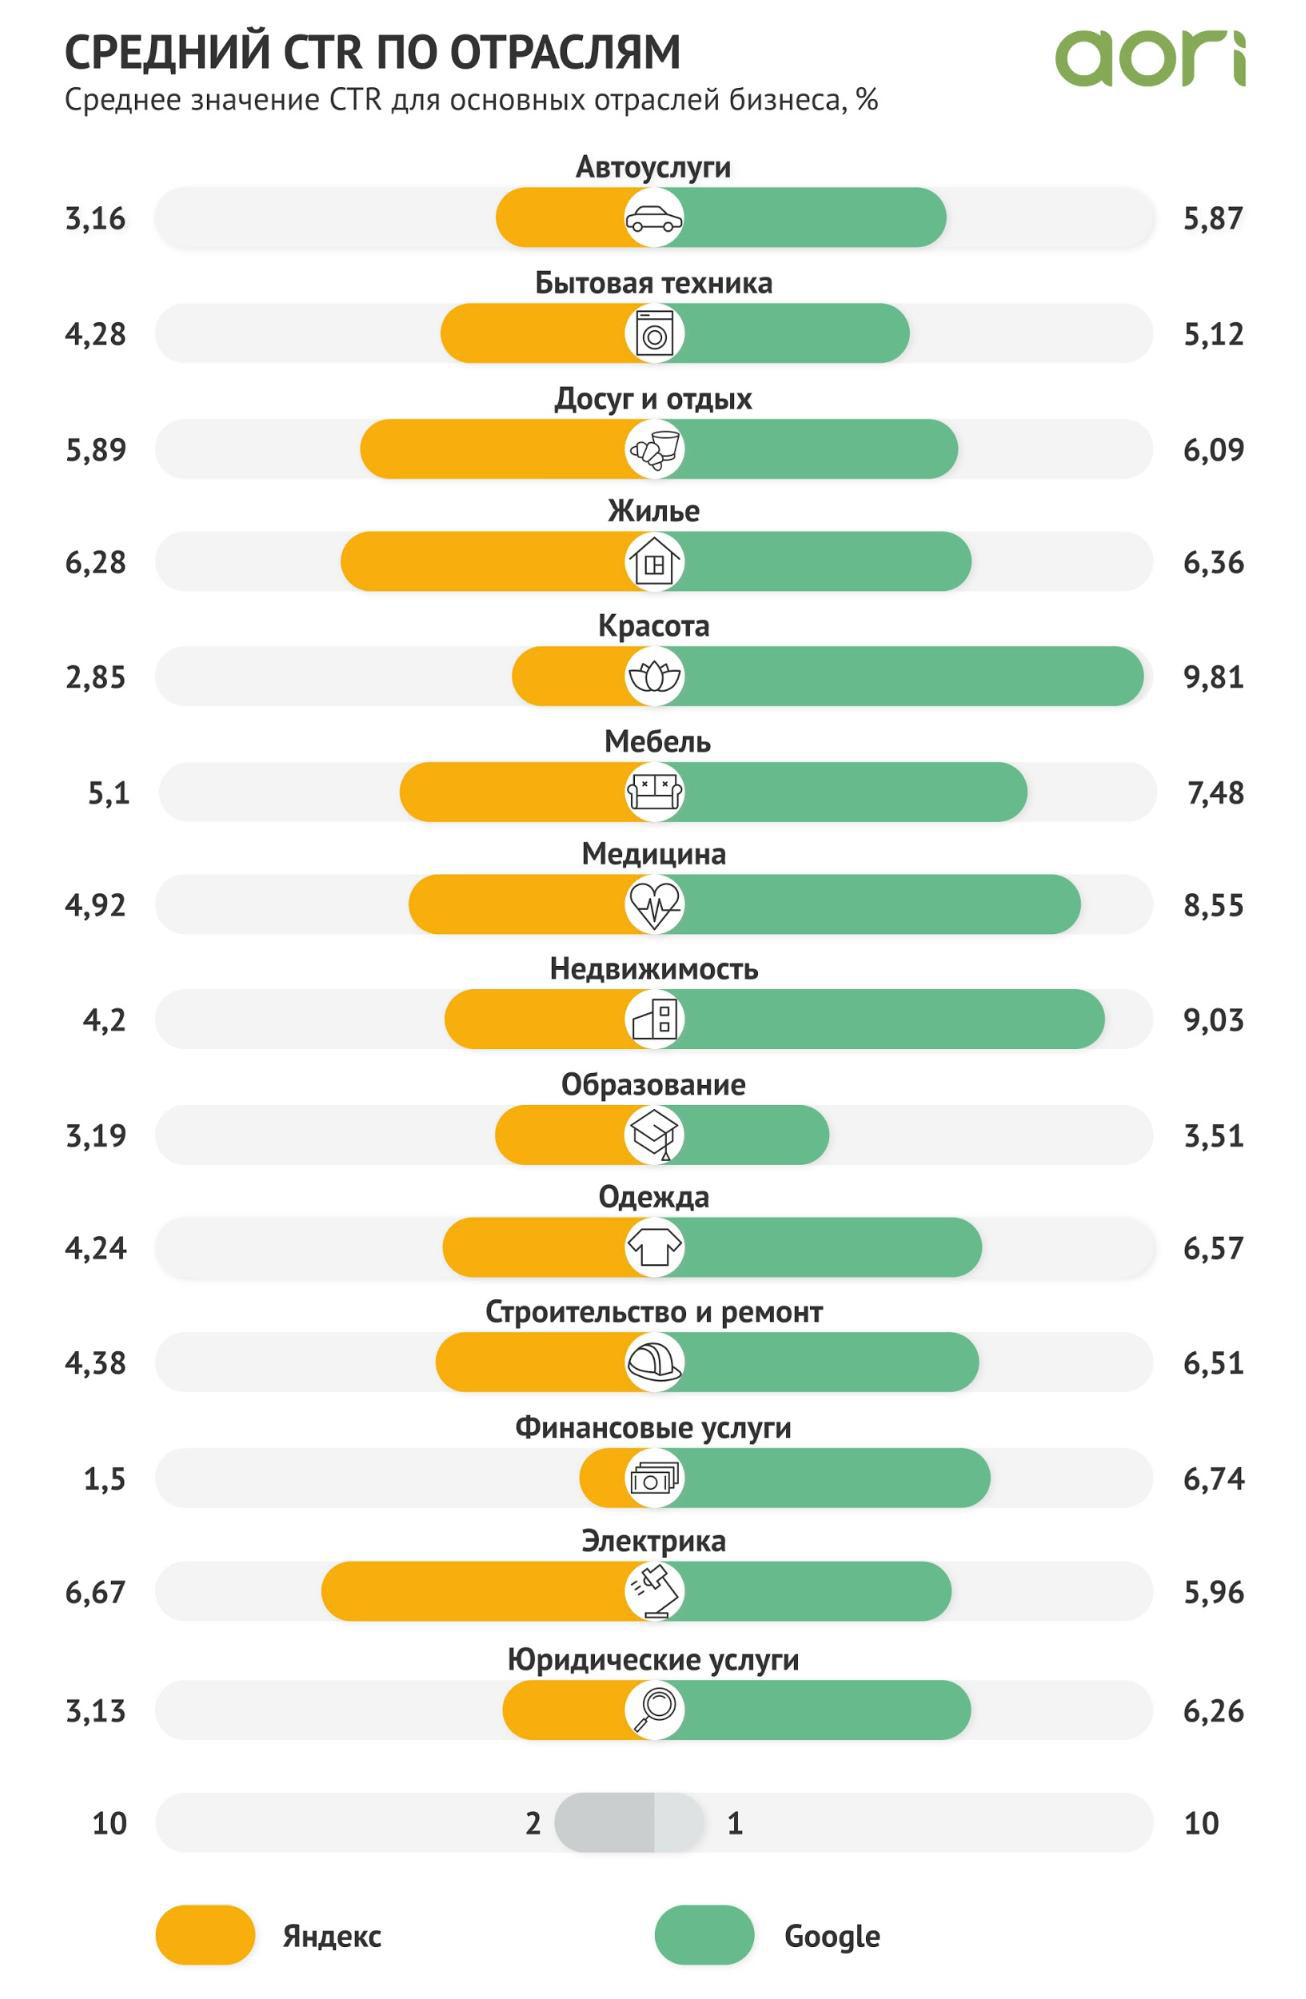 Средний CTR по отраслям в России Яндекс vs Гугл за 2020 год